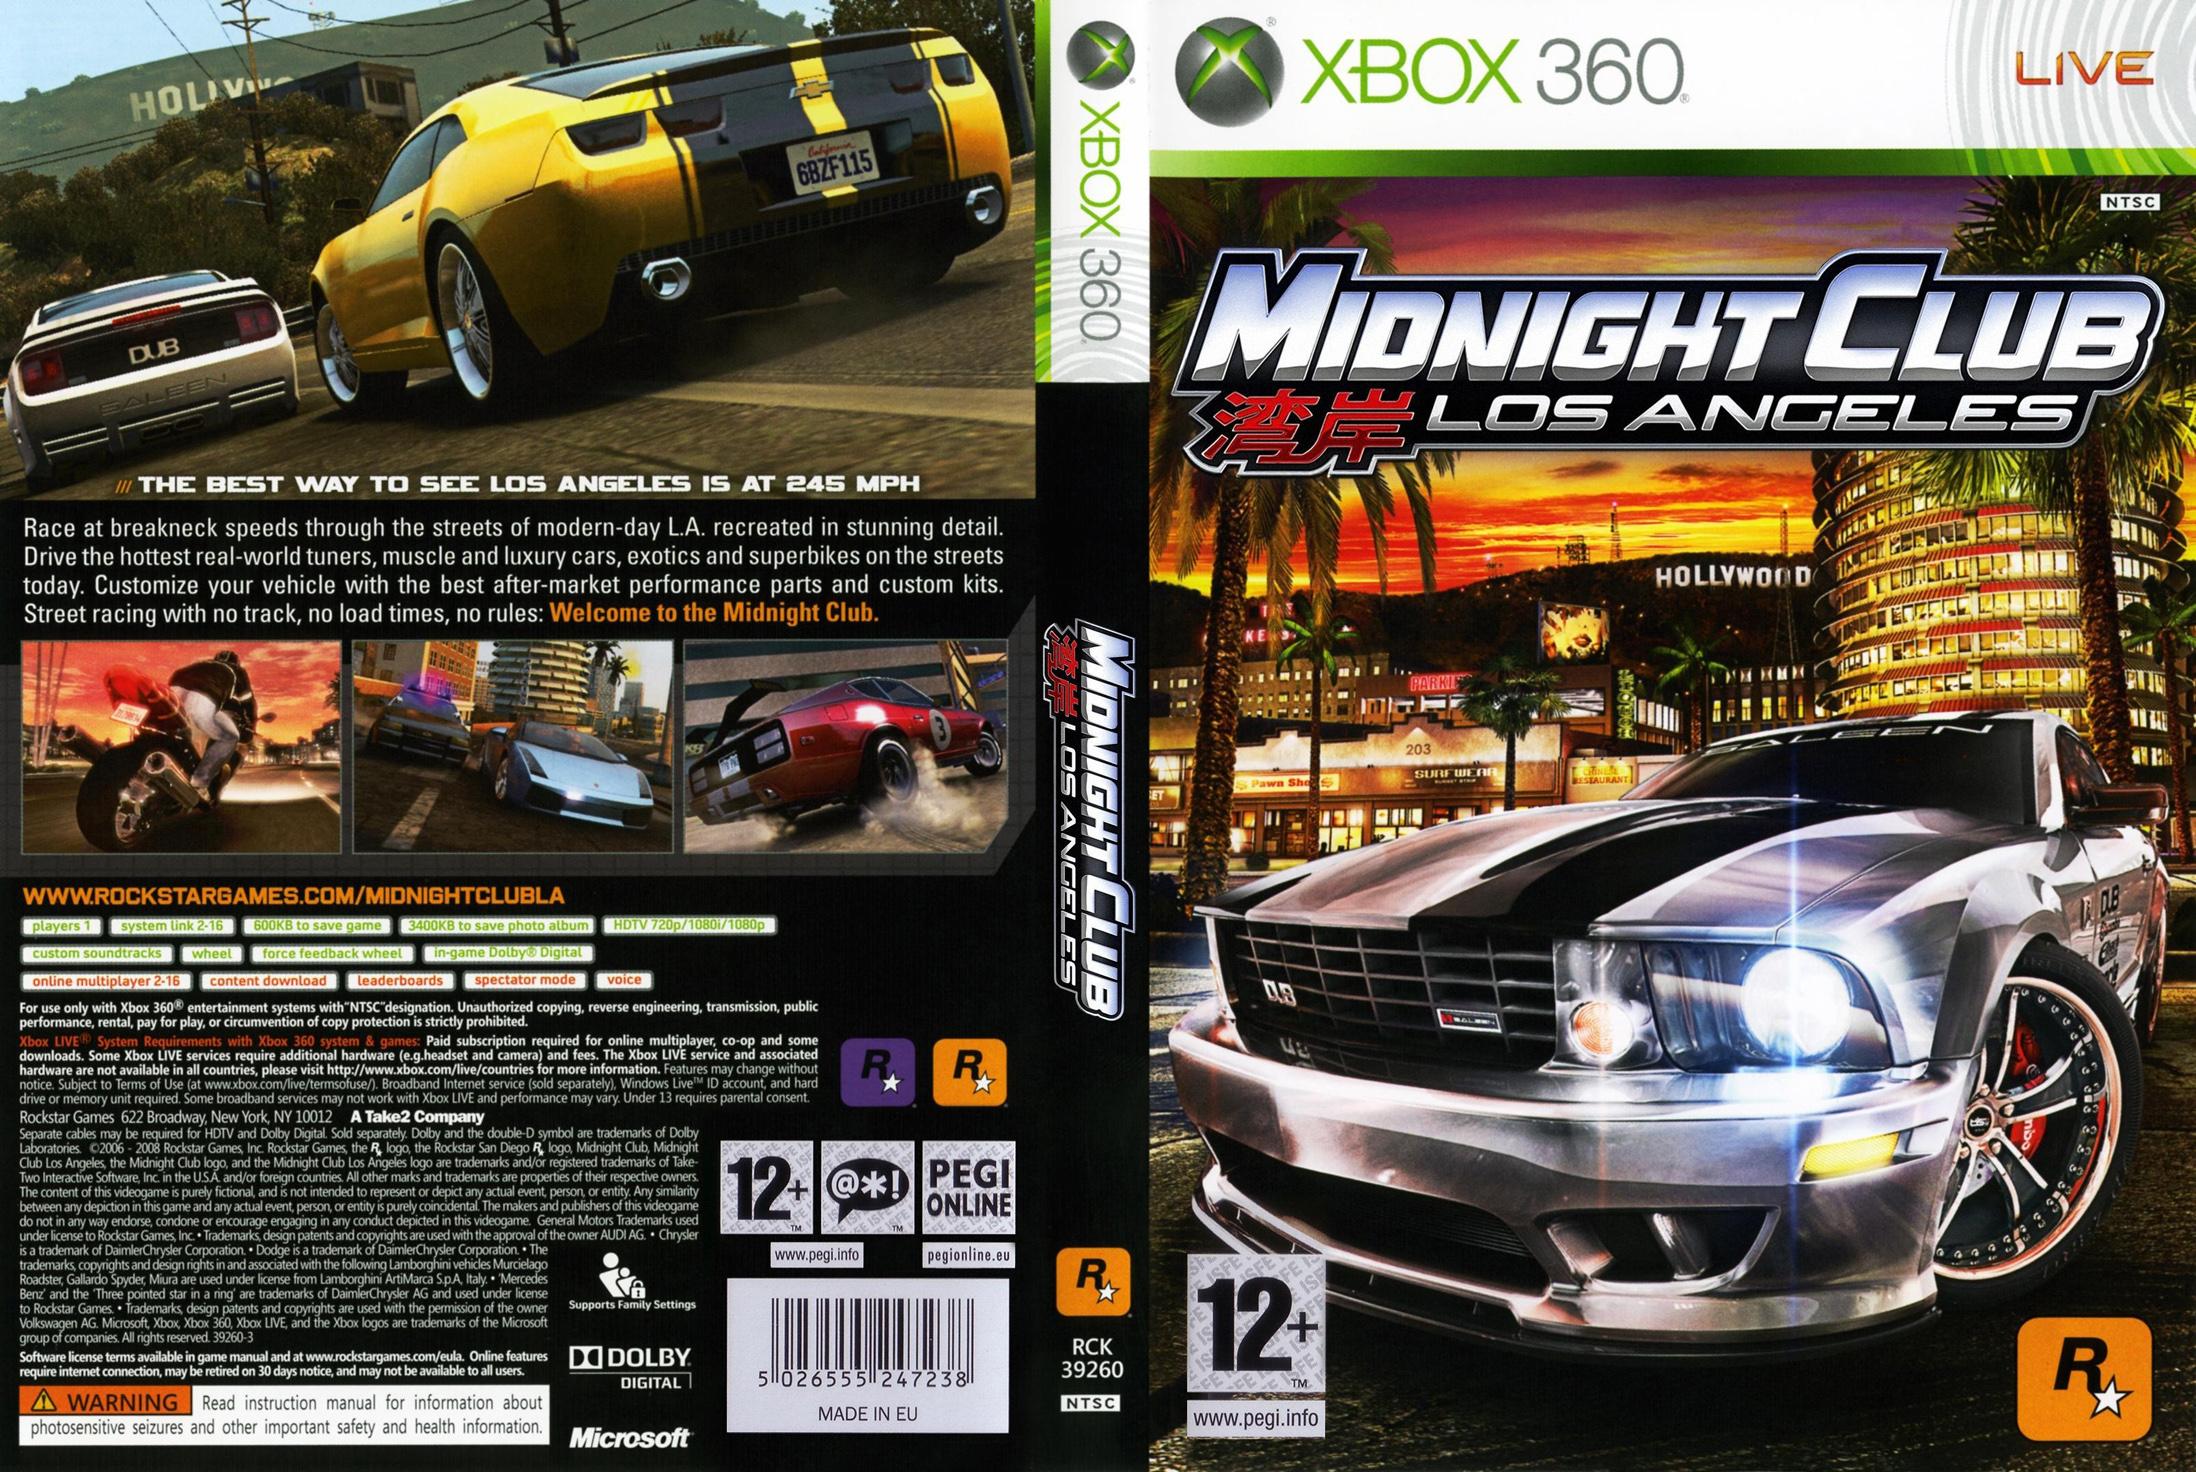 MidnightClubLosAngeles